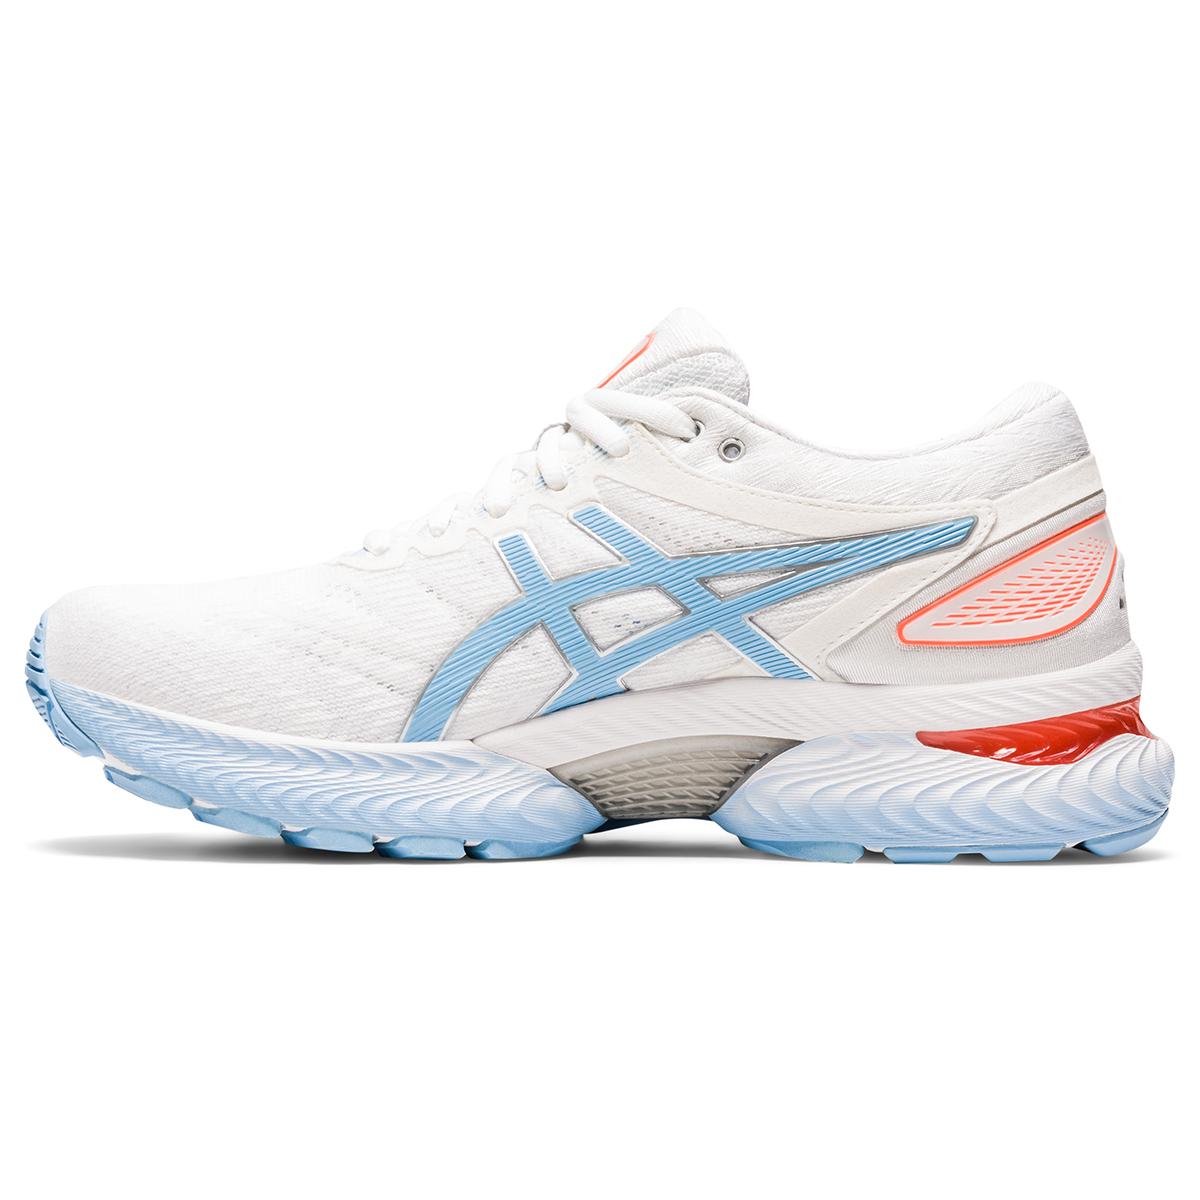 Women's Asics Gel-Nimbus 22 Running Shoe - Color: White/Blue Bliss - Size: 5 - Width: Regular, White/Blue Bliss, large, image 2